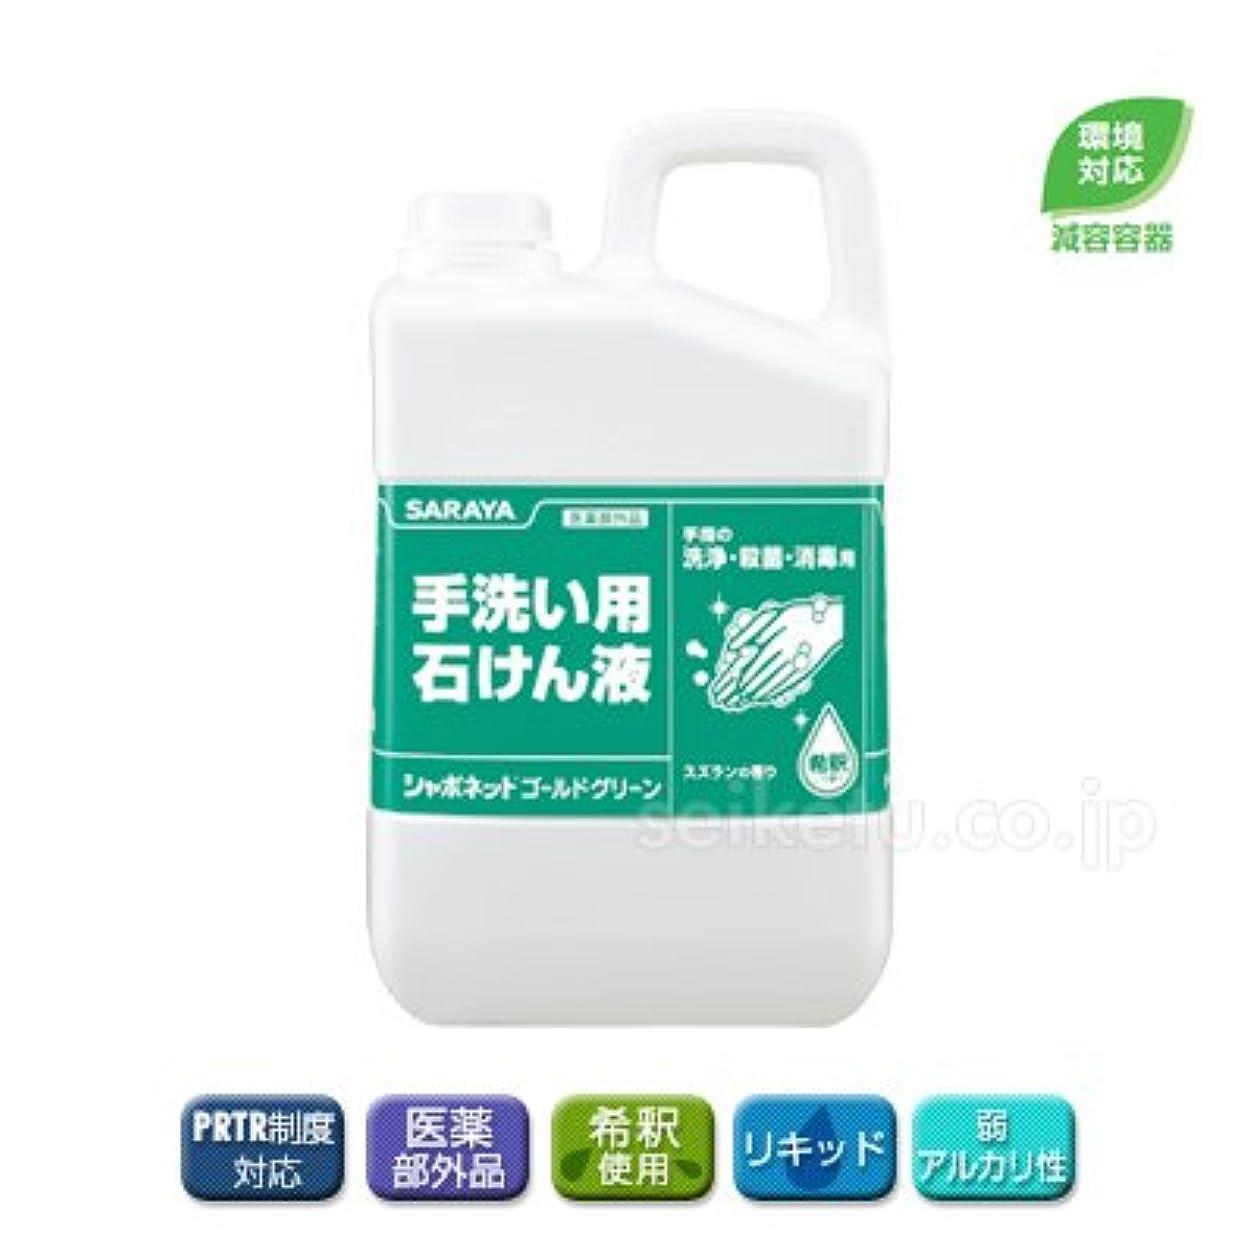 また前投薬クレーター【清潔キレイ館】サラヤ シャボネットゴールドグリーン(3kg)